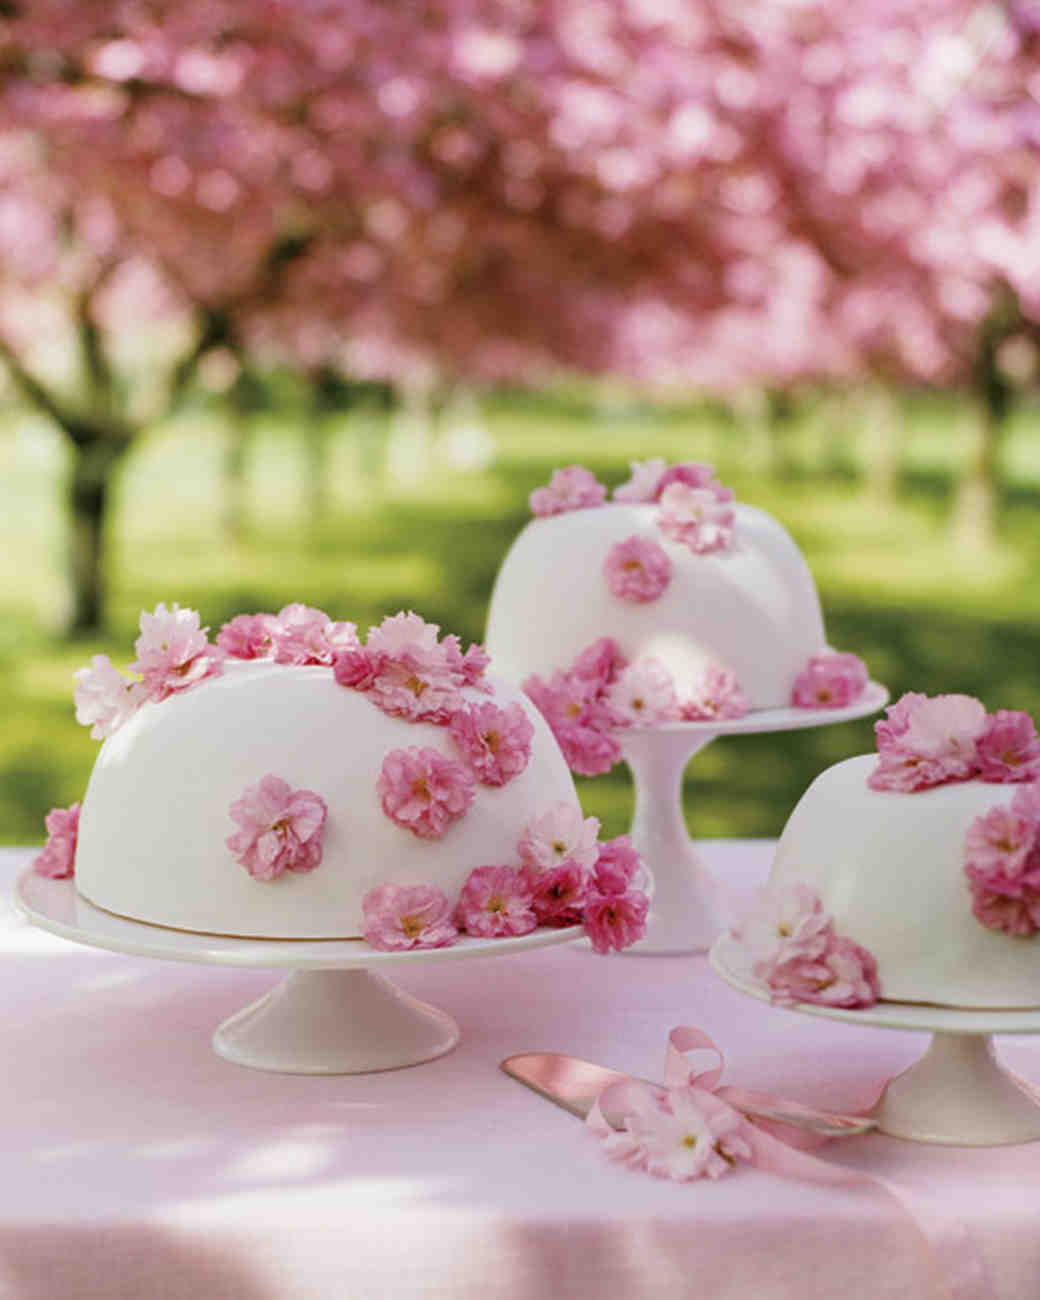 Cherry-Blossom Princess Cake